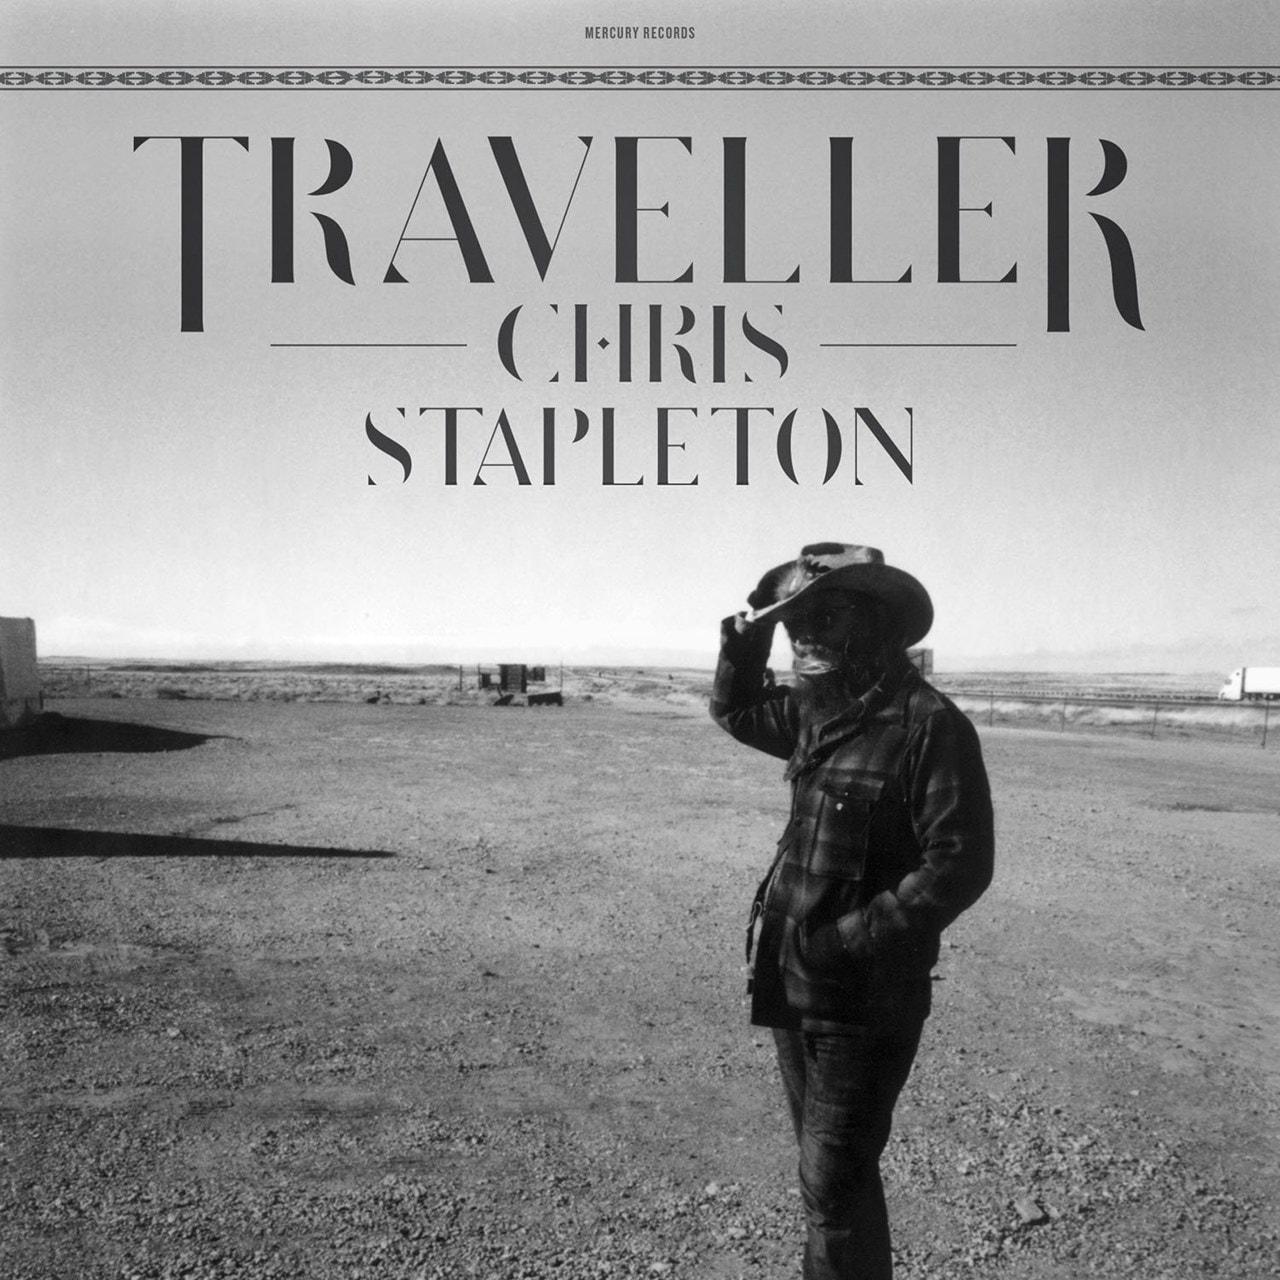 Traveller - 1